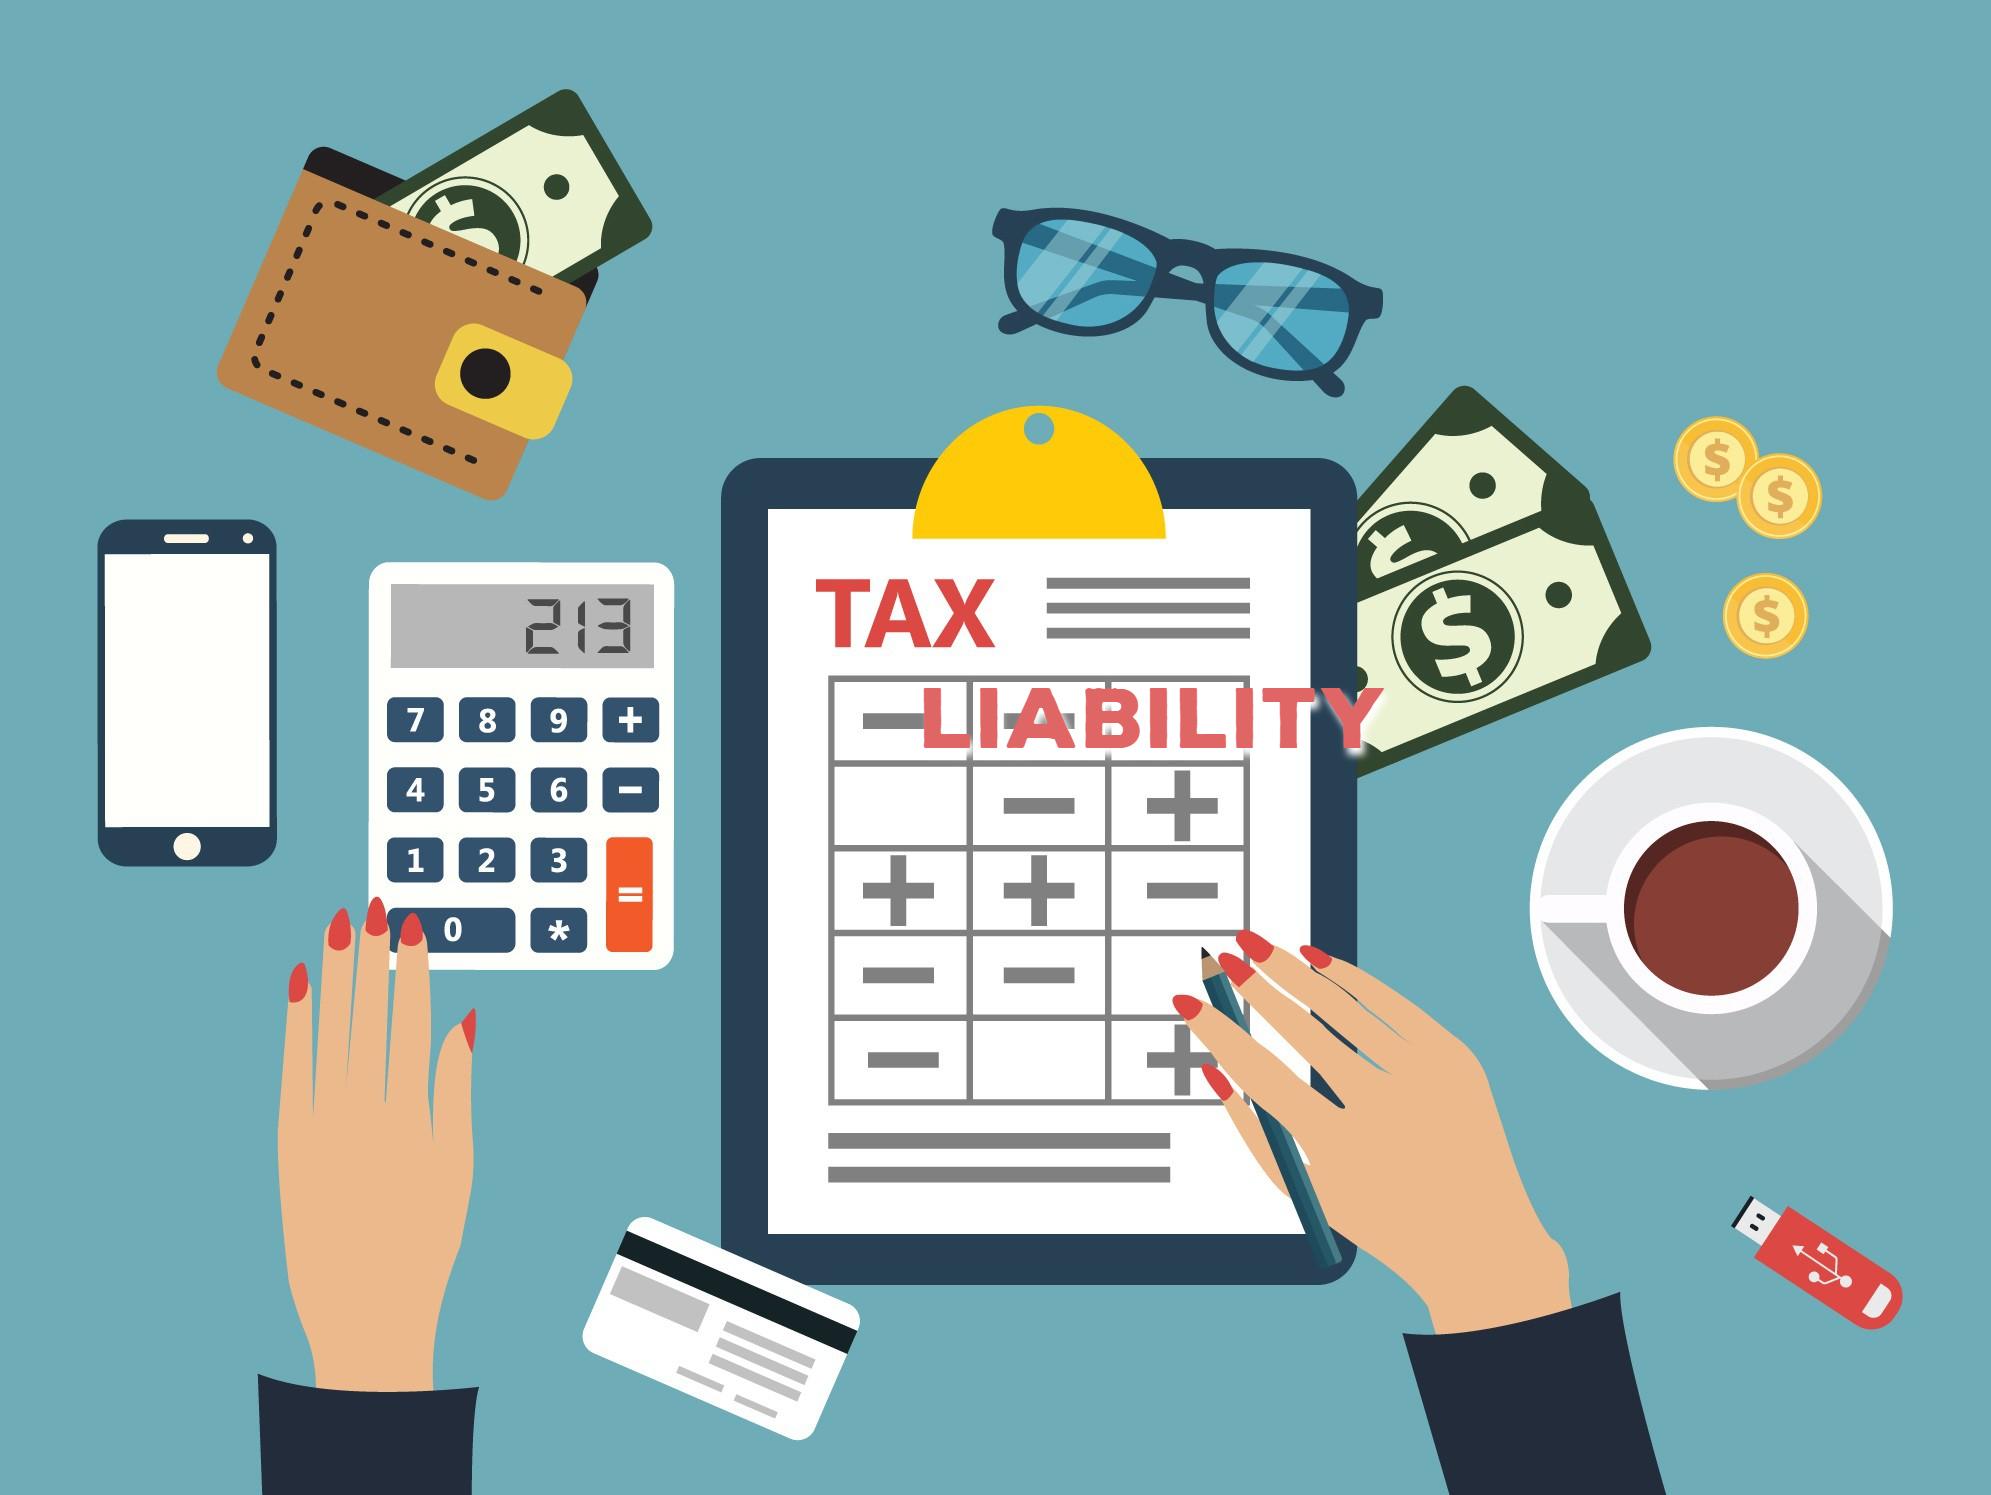 Làm không đủ năm ủy quyền cho công ty quyết toán thuế được không?